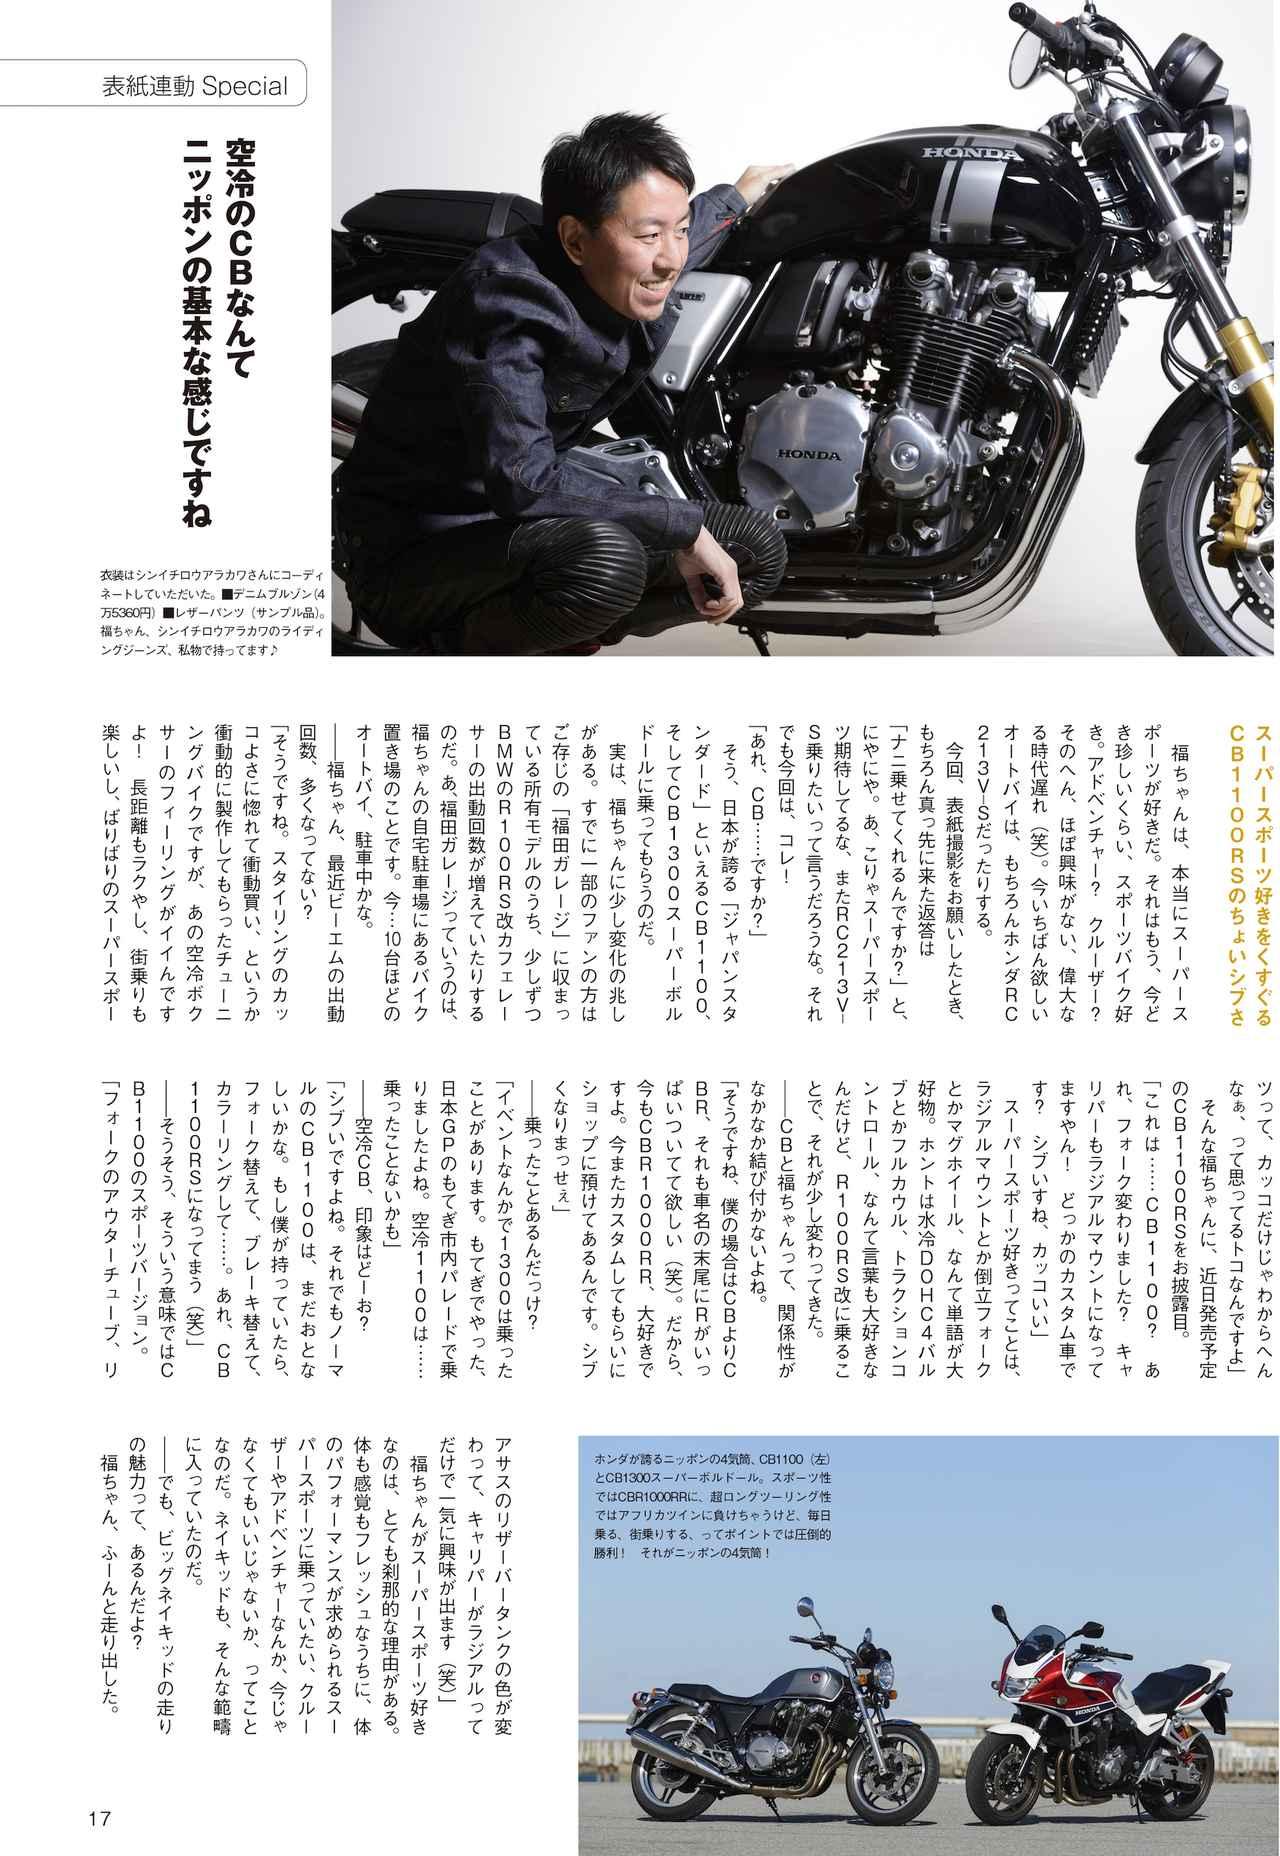 画像2: やっぱりイイなぁニッポンの4気筒(福田充徳×HONDA CB)